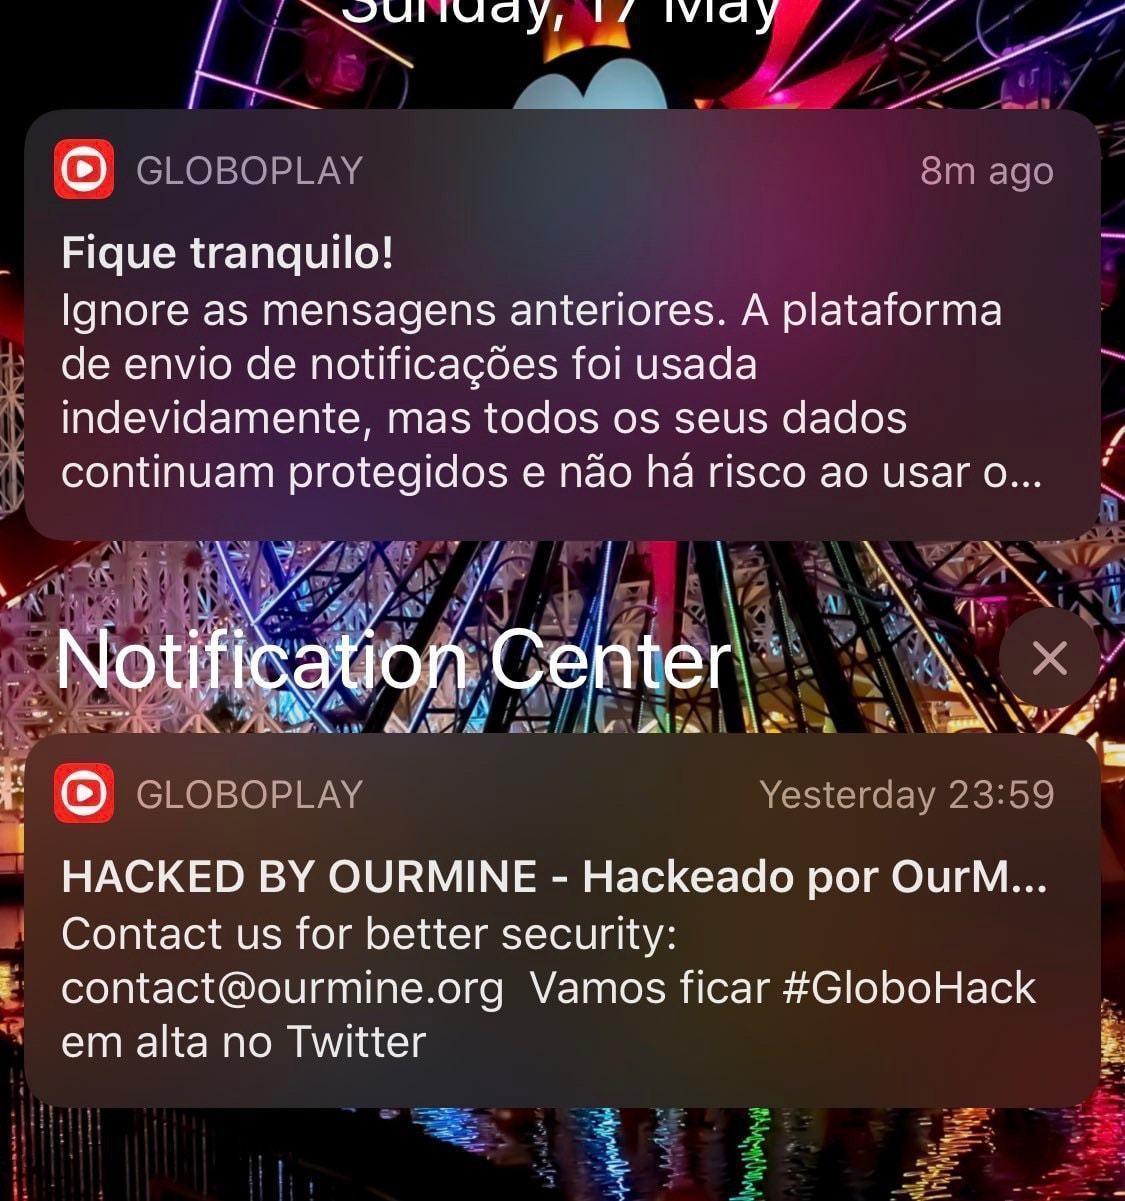 Print de notificações estranha do Globoplay em um iPhone